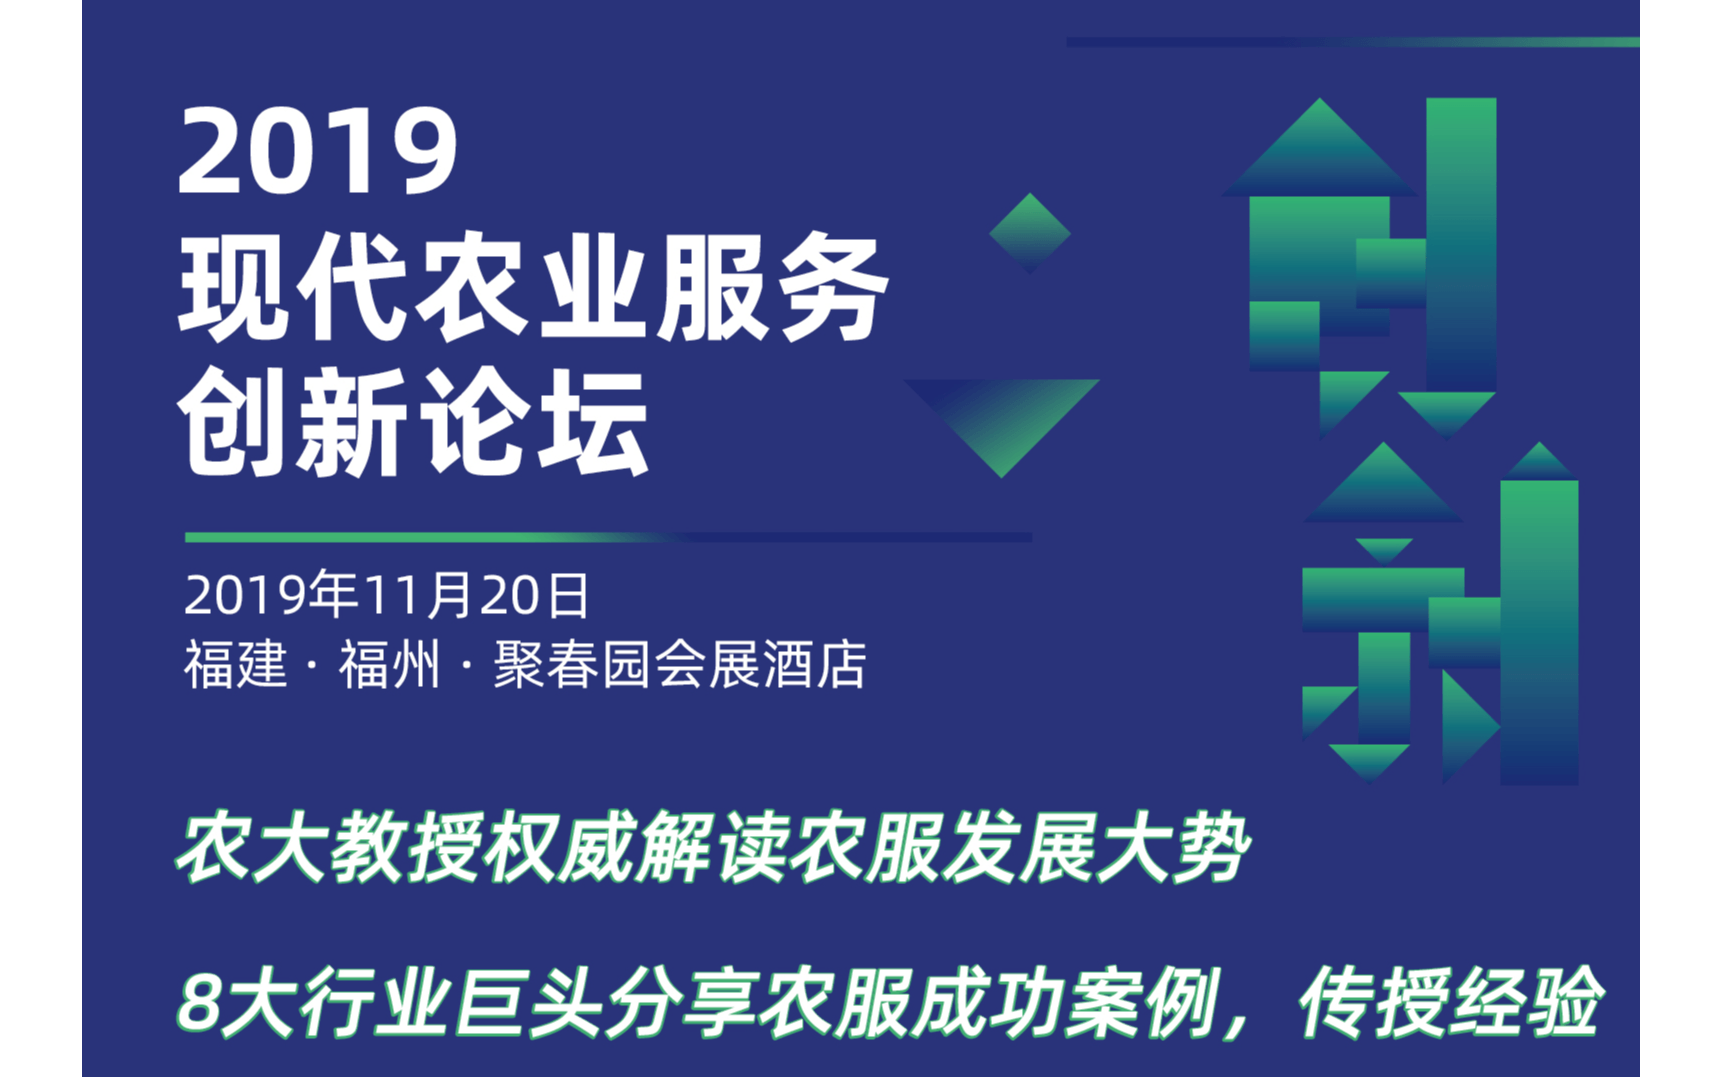 2019現代農業服務創新論壇(福州)